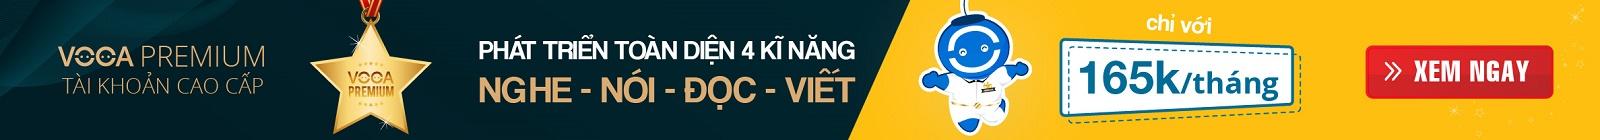 voca ads banner